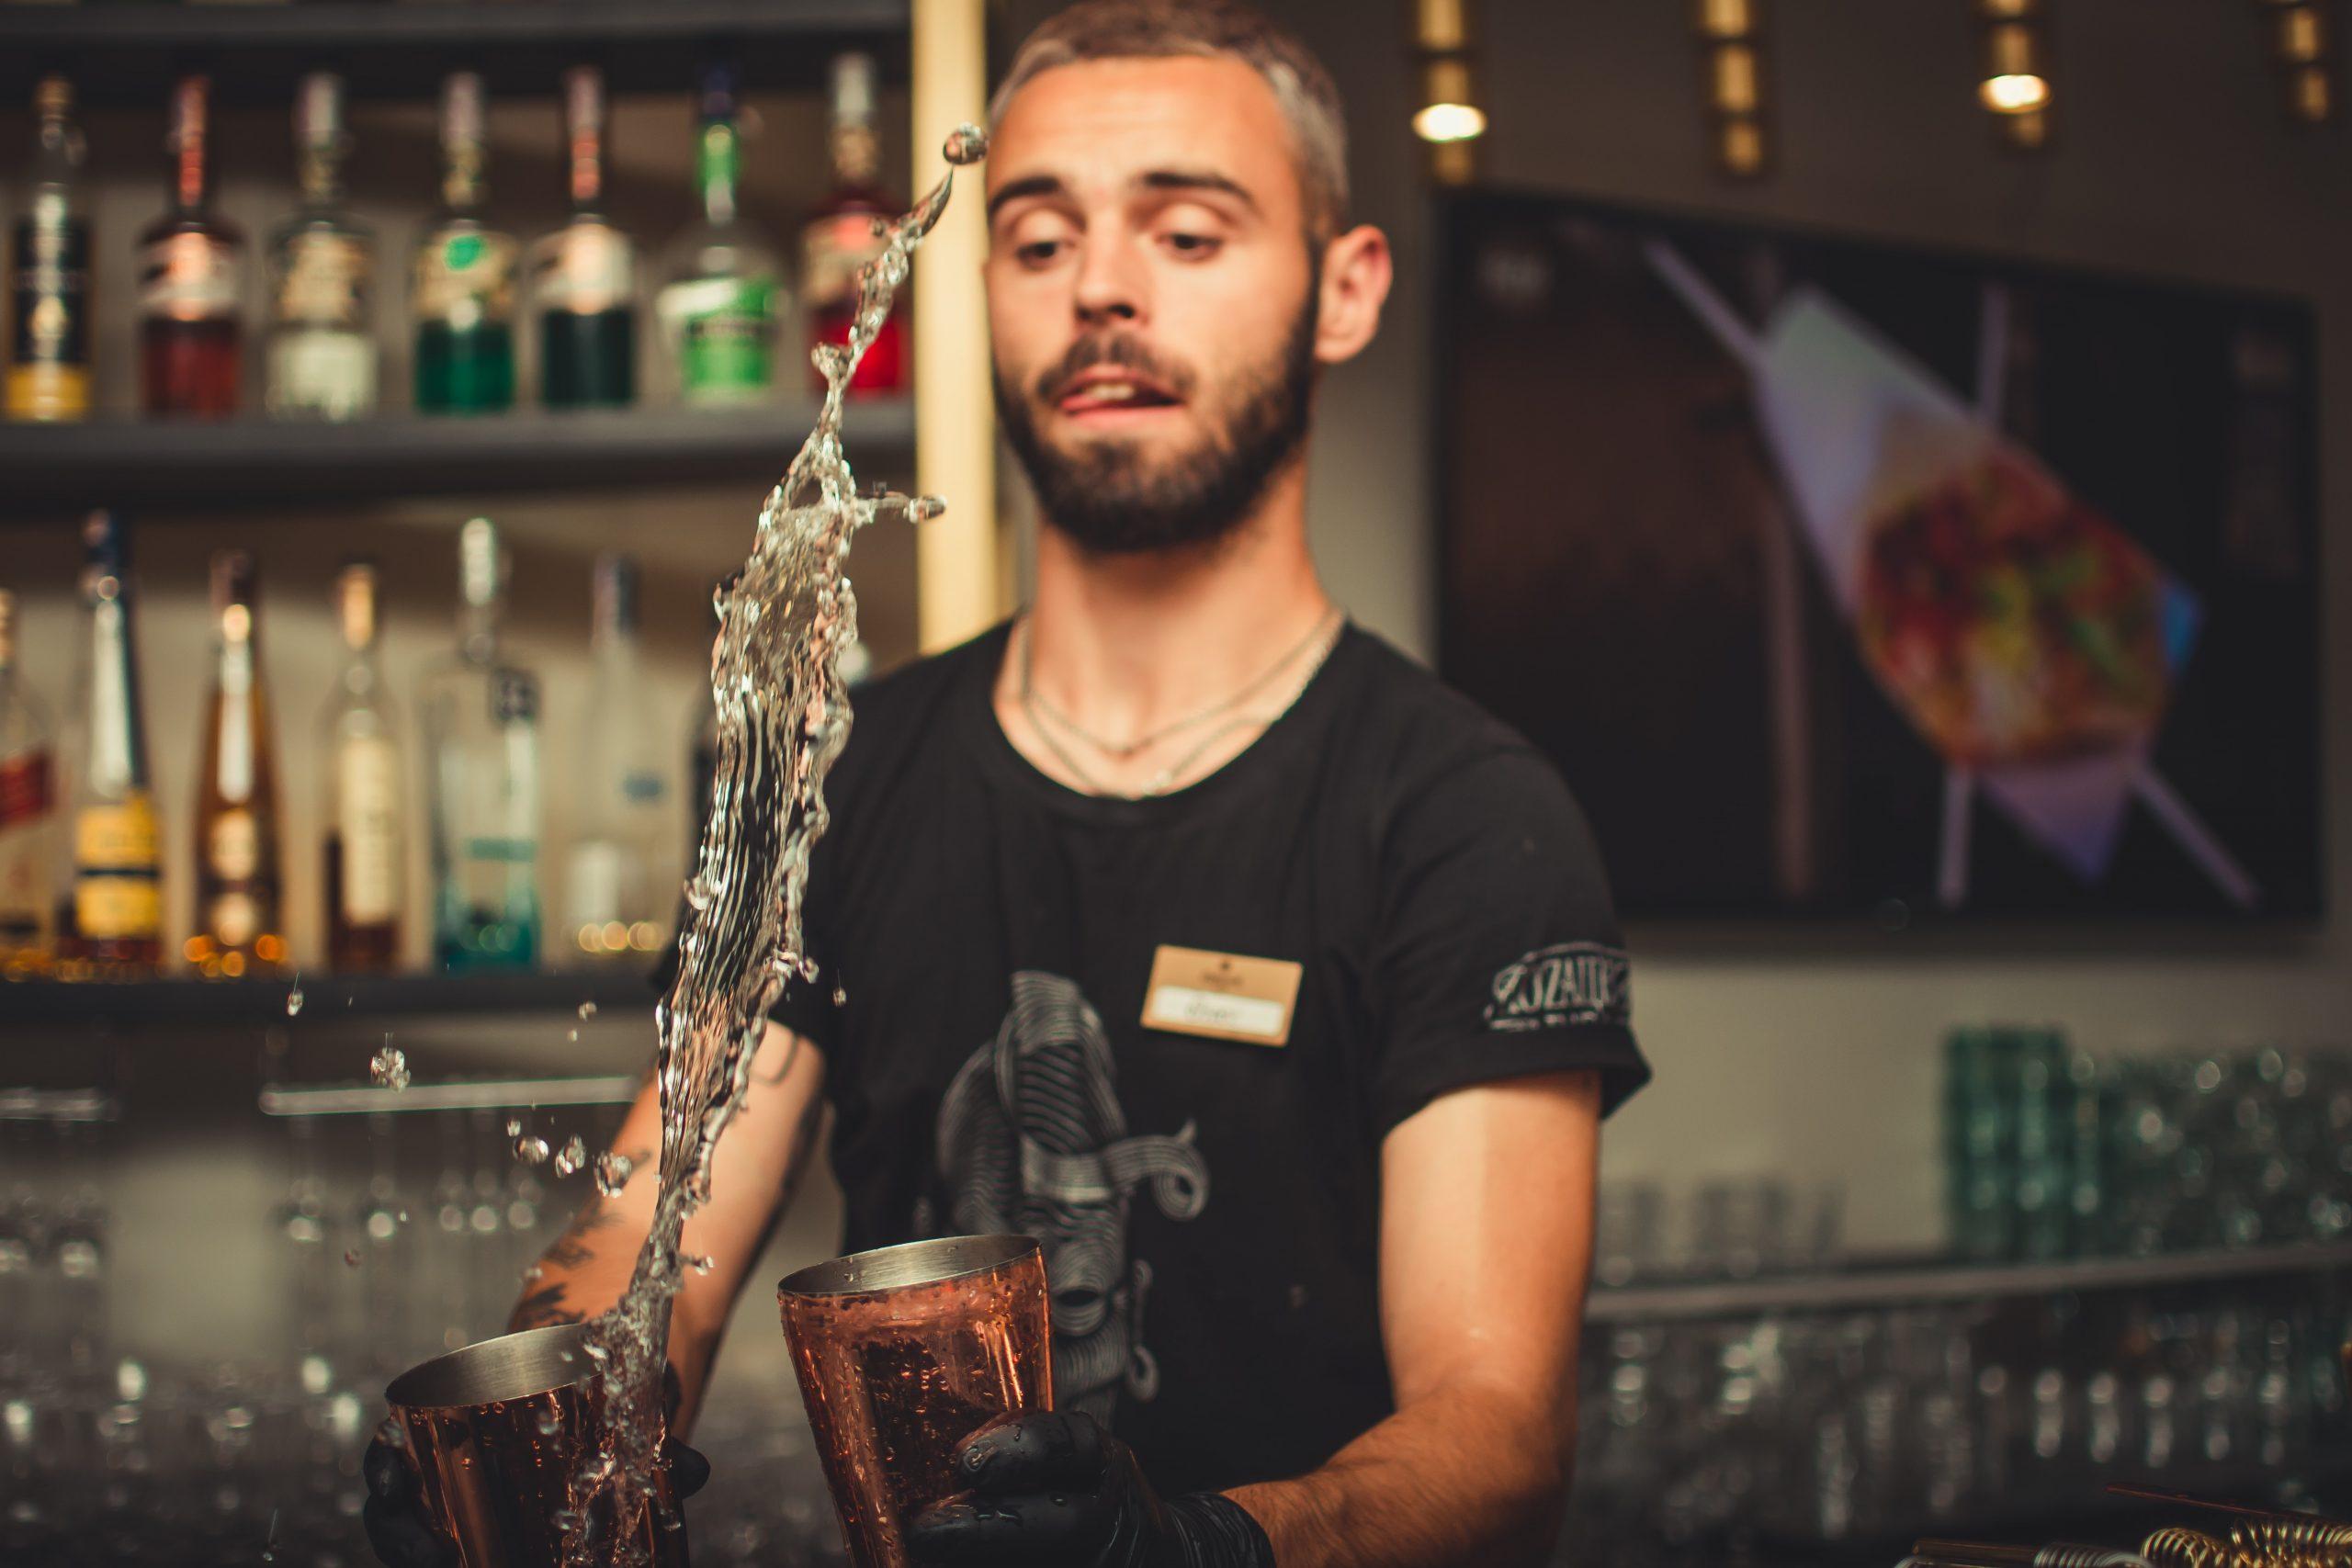 bartending-school-cost